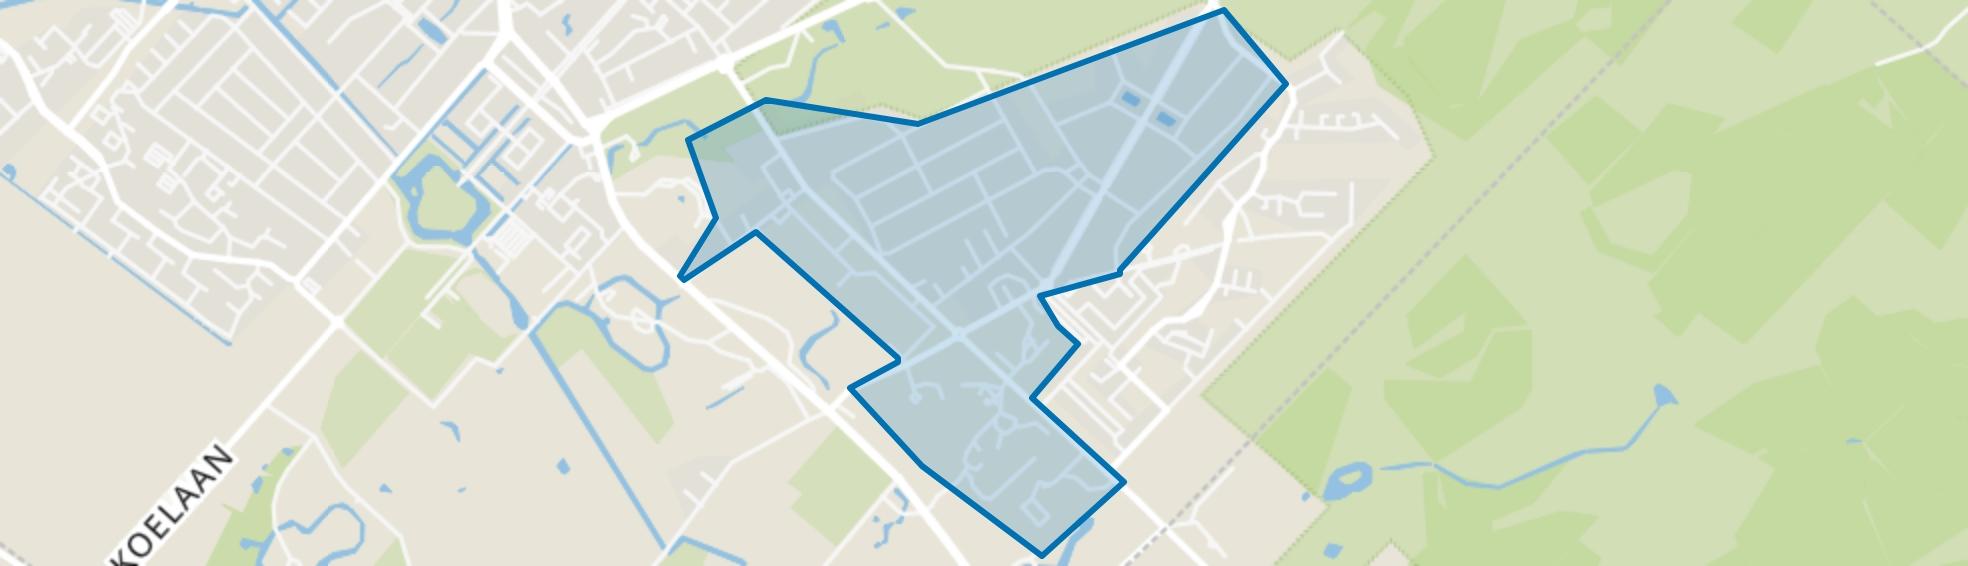 Hoge Dennen, Zeist map